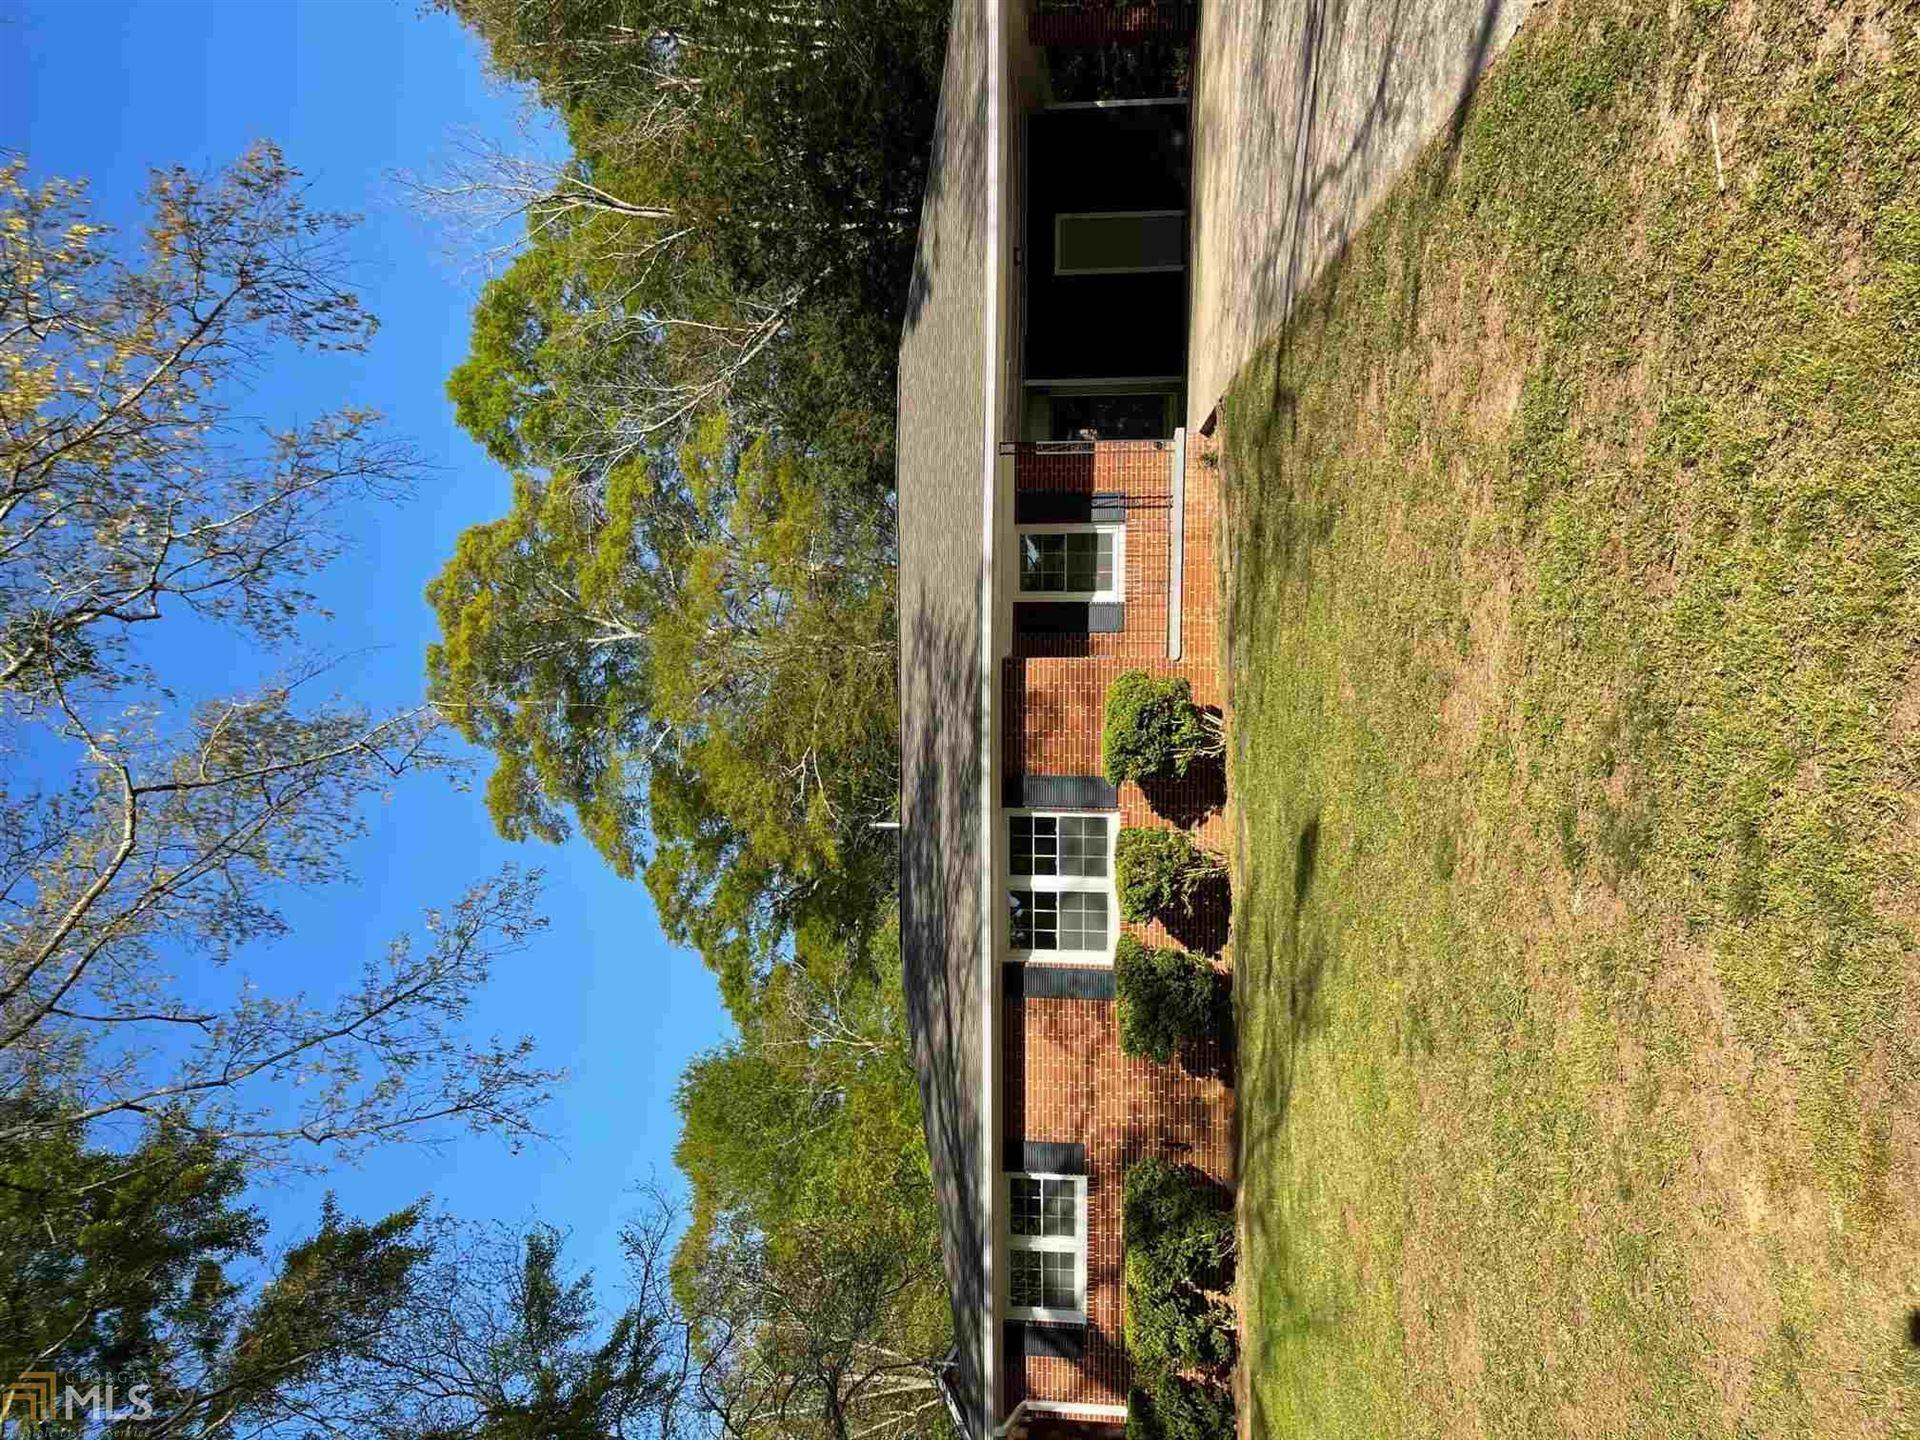 129 Arnold Pl, Jonesboro, GA 30236 - #: 8956261